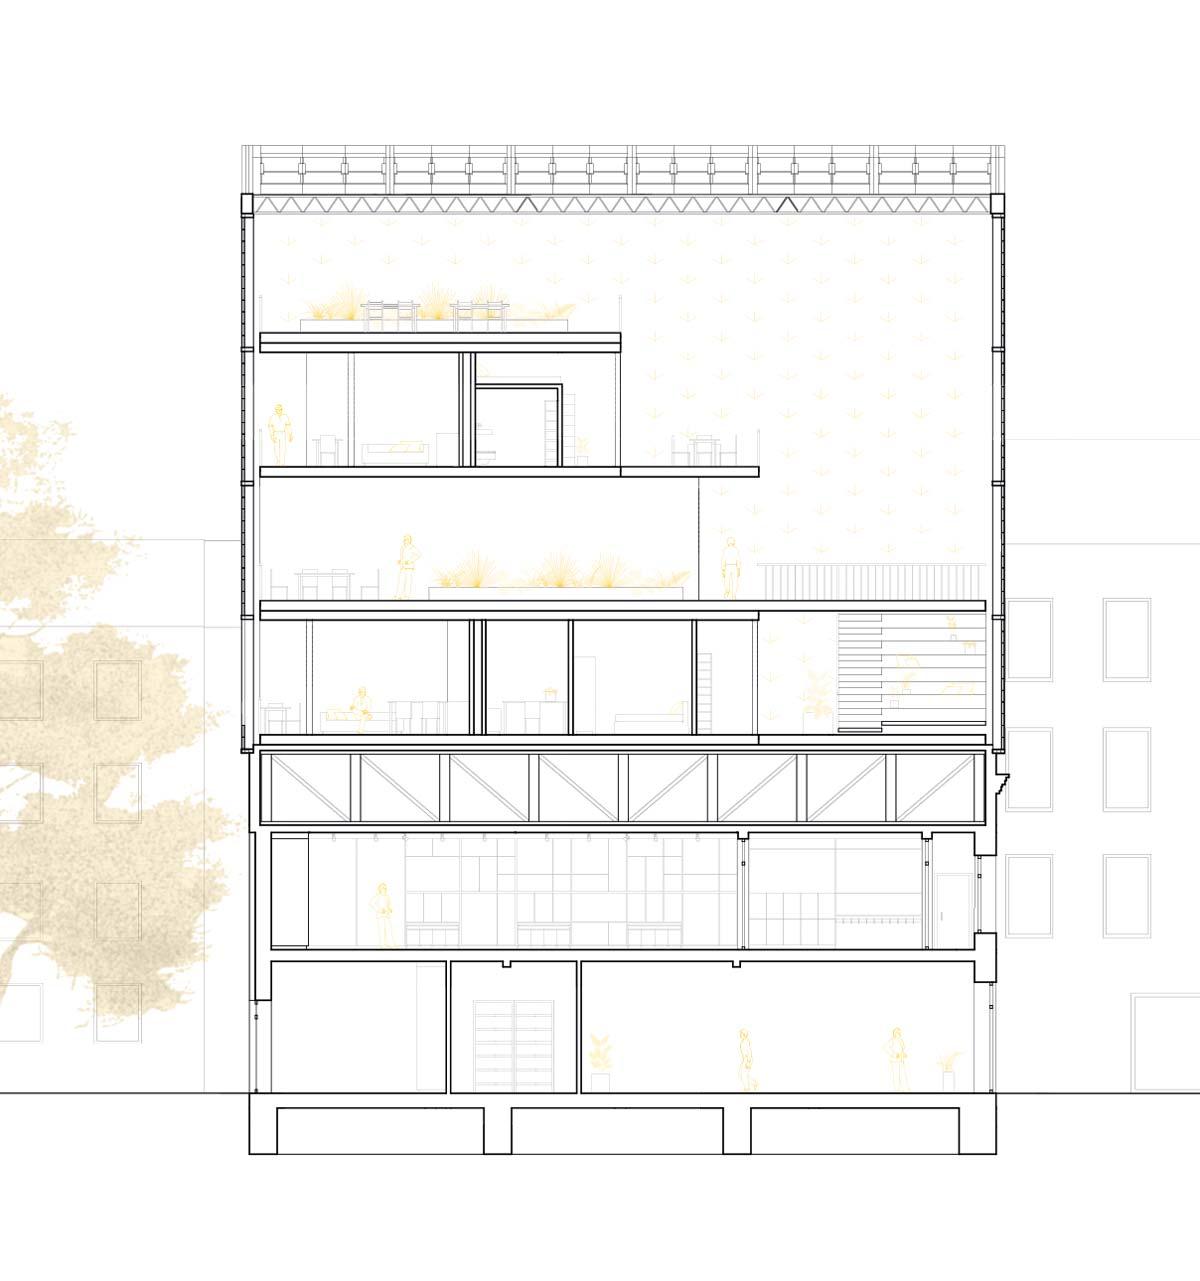 Querschnitt des MIMOs-Gebäudes mit Cafe Ada in Wuppertal, Mirke. Solar Decathlon Europa 21/22